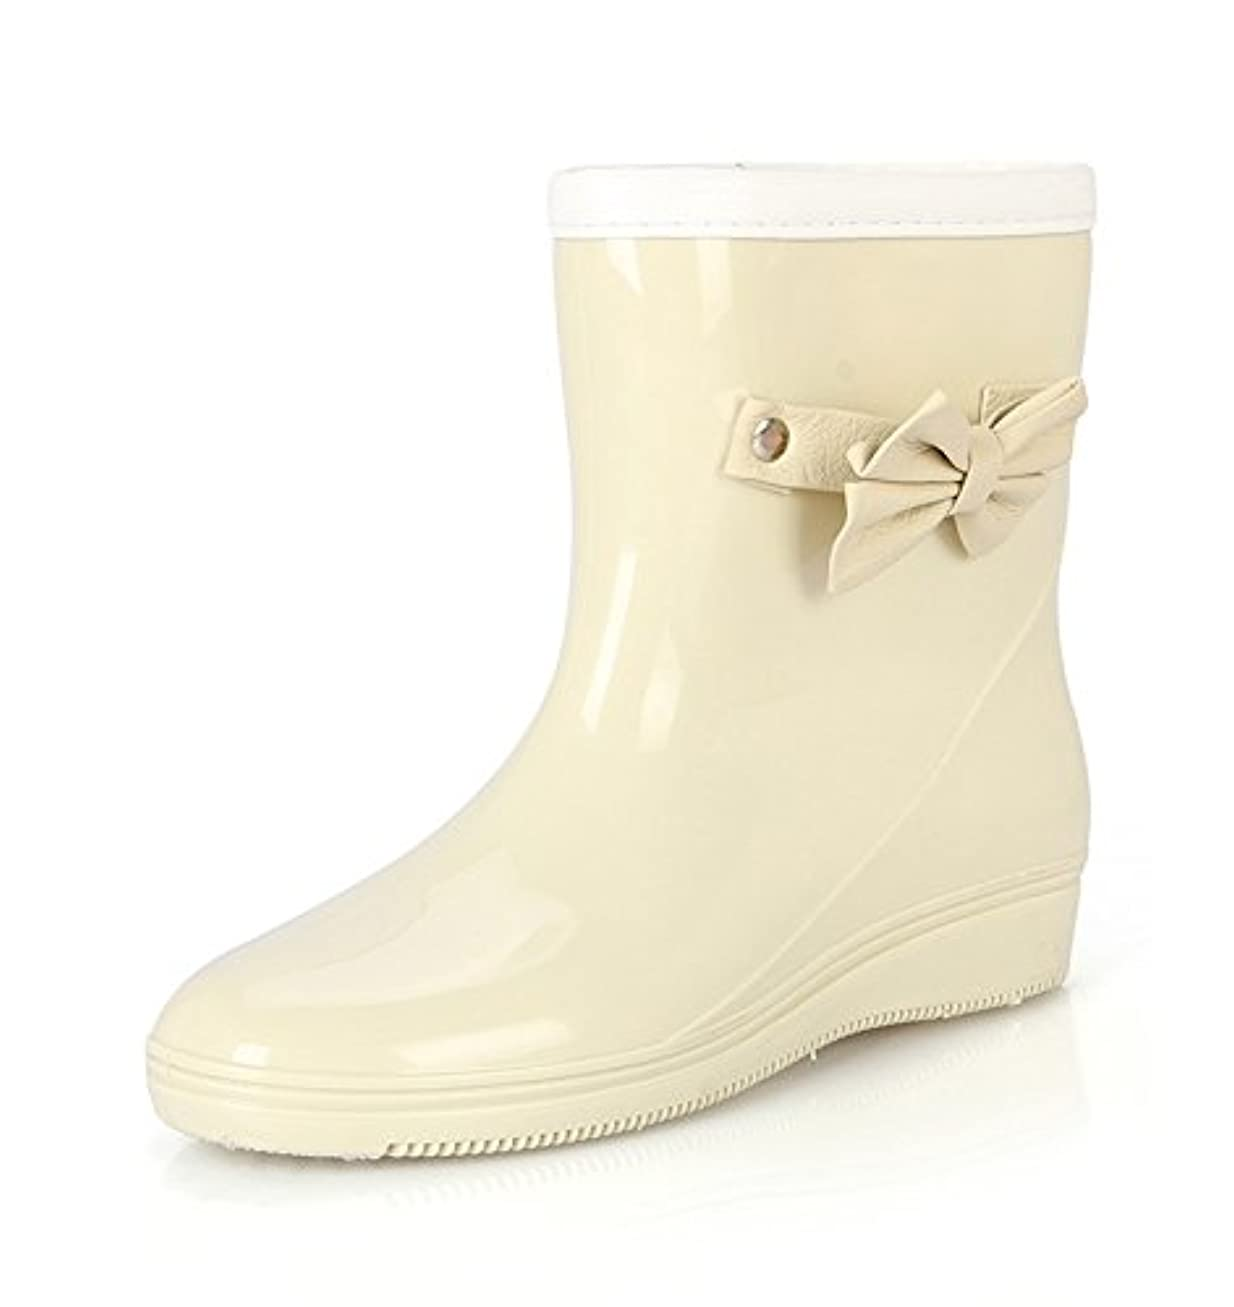 静める男弾薬[RyuRyu] レインシューズ 梅雨の時期に大活躍/レインブーツ/レディース 女性用/雨靴/長靴/滑り止め付/完全防水/雨の日用 保温性、通気性